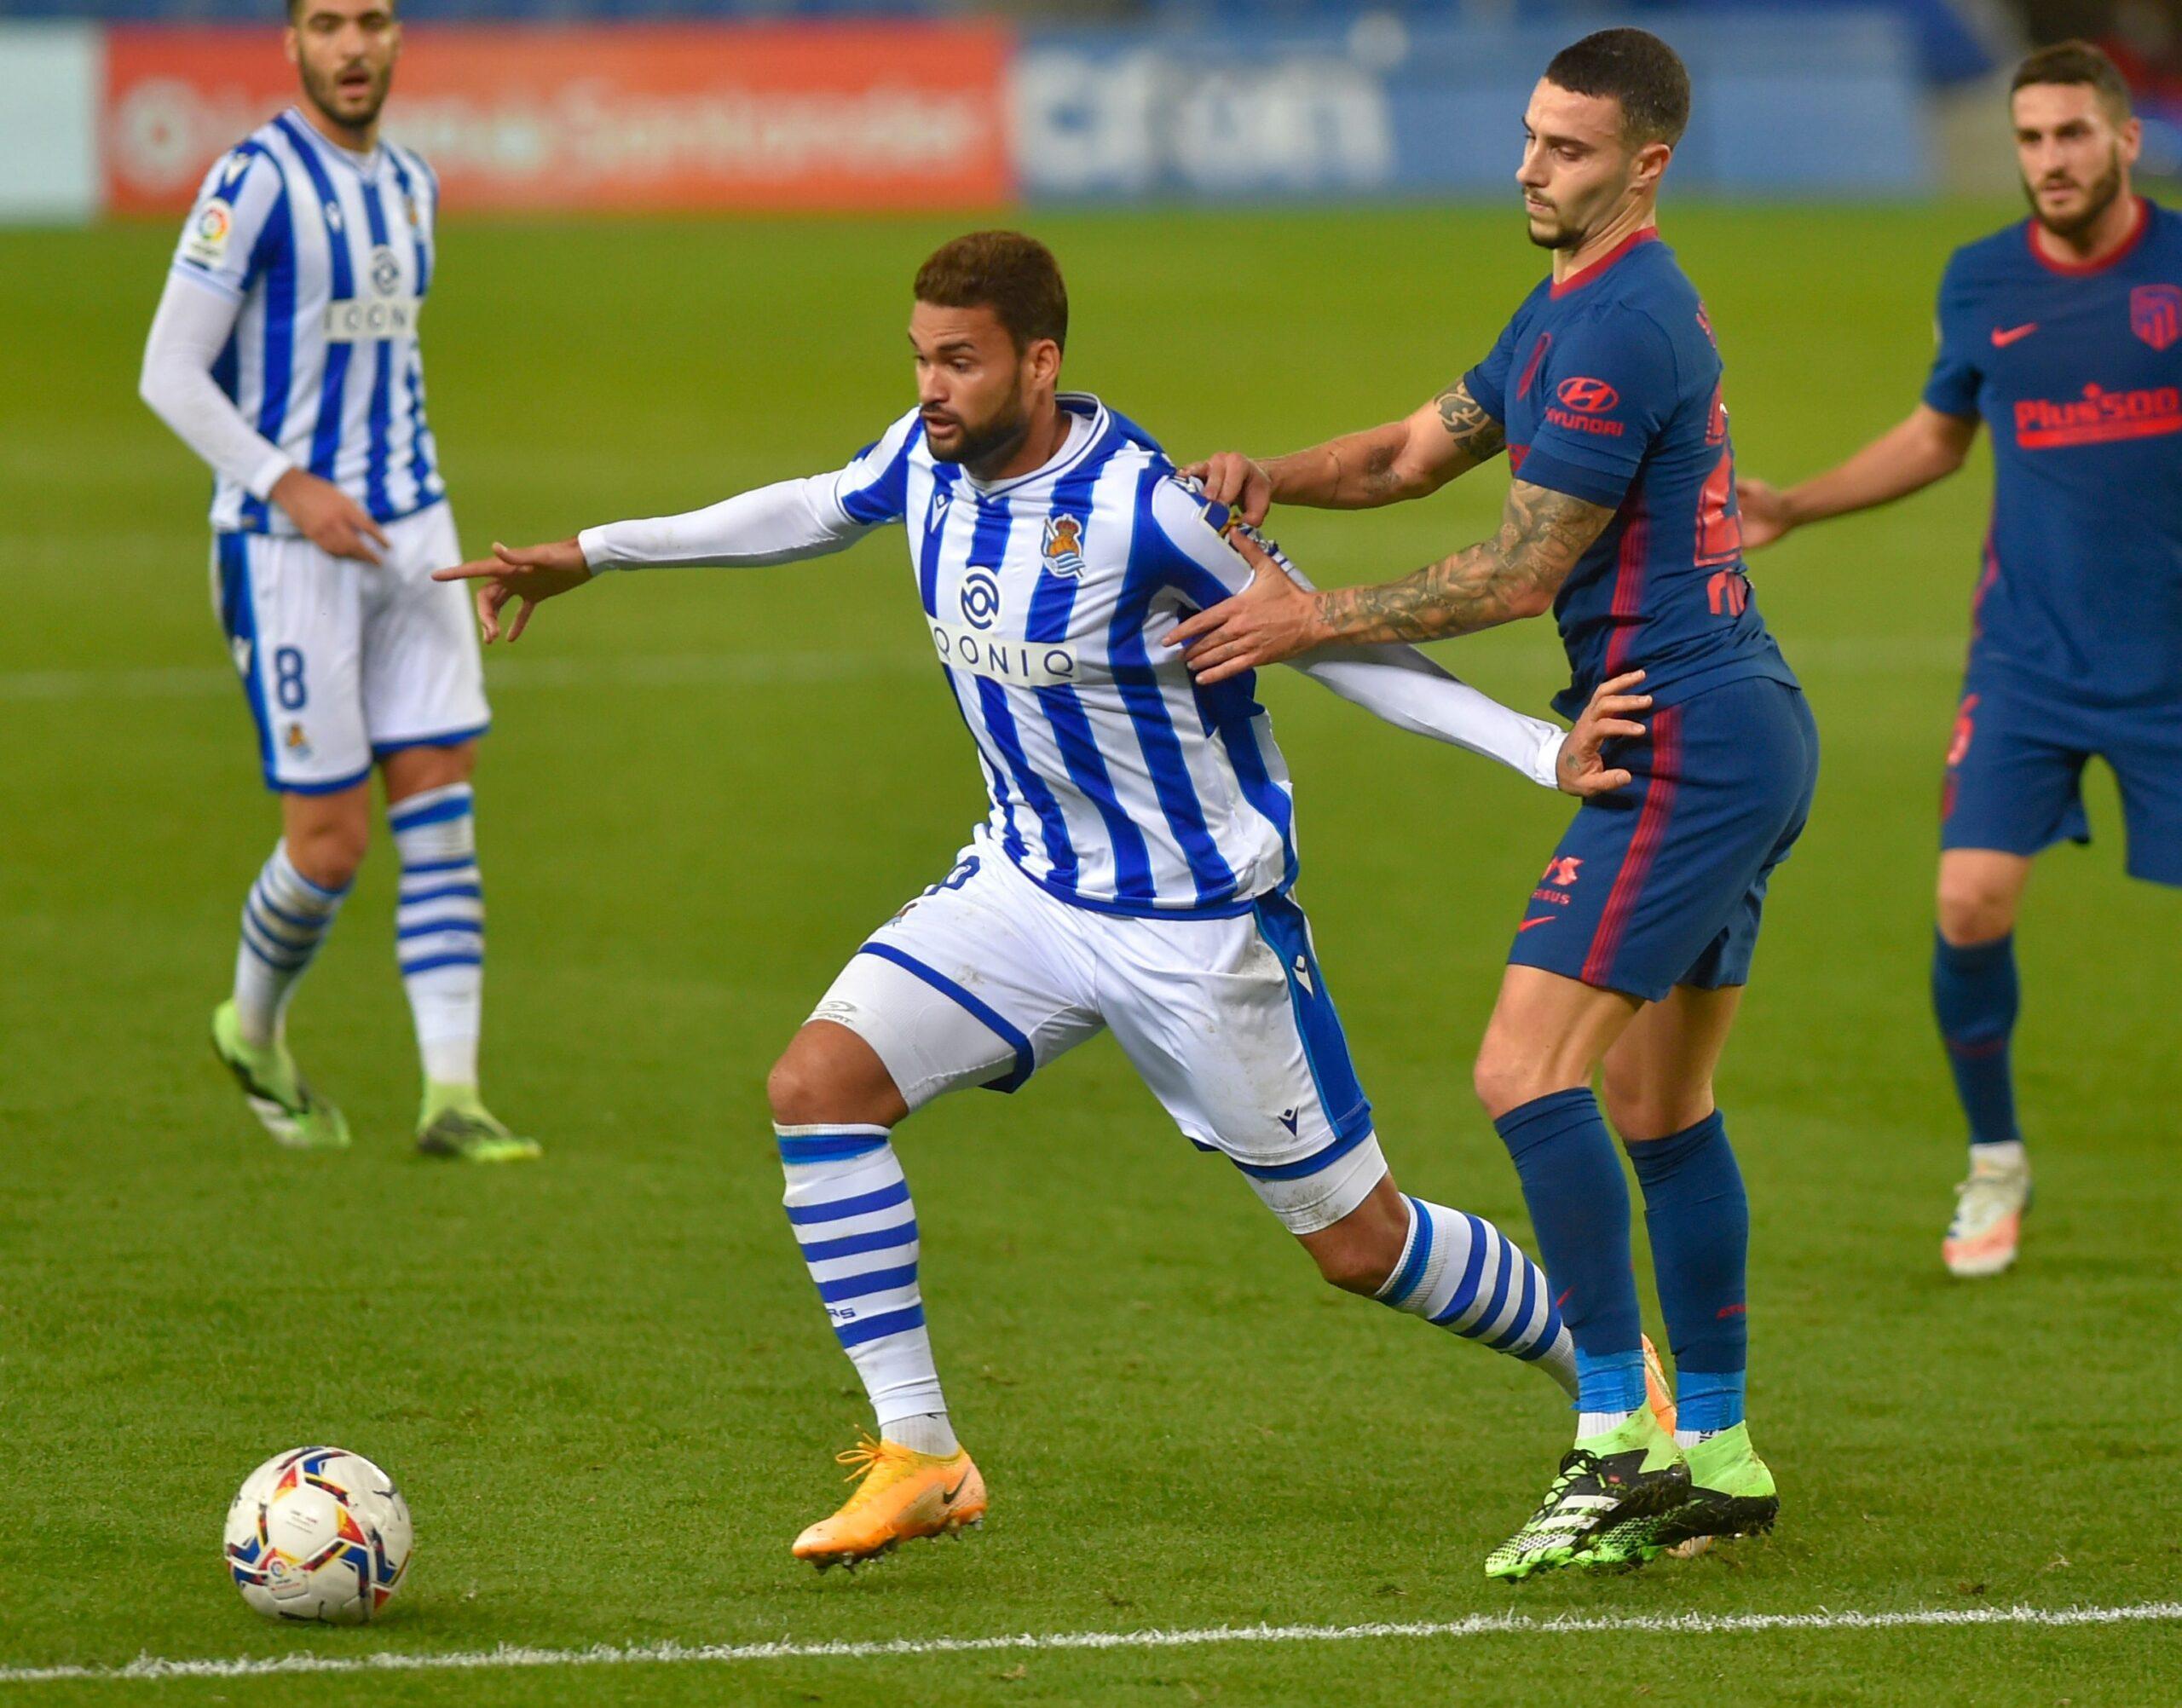 Fichajes: El Atlético quiere cerrar un fichaje en la Real Sociedad según Sky